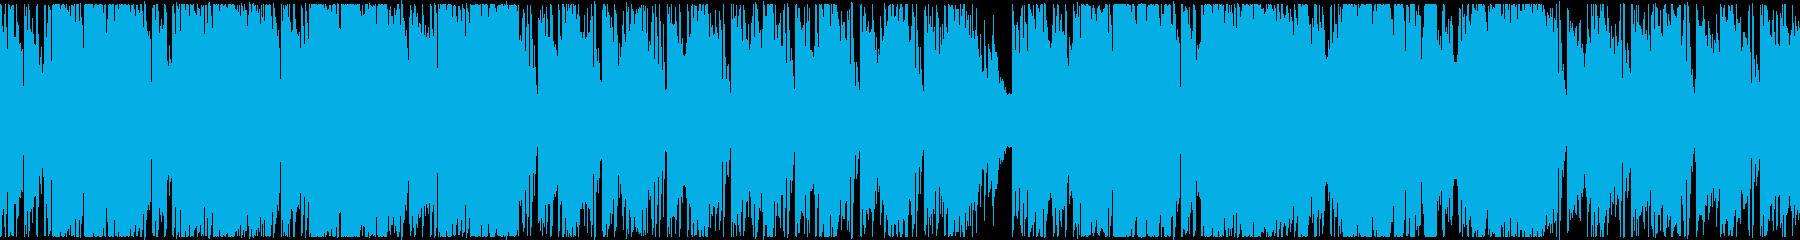 コミカルなパズルゲーム風BGMの再生済みの波形